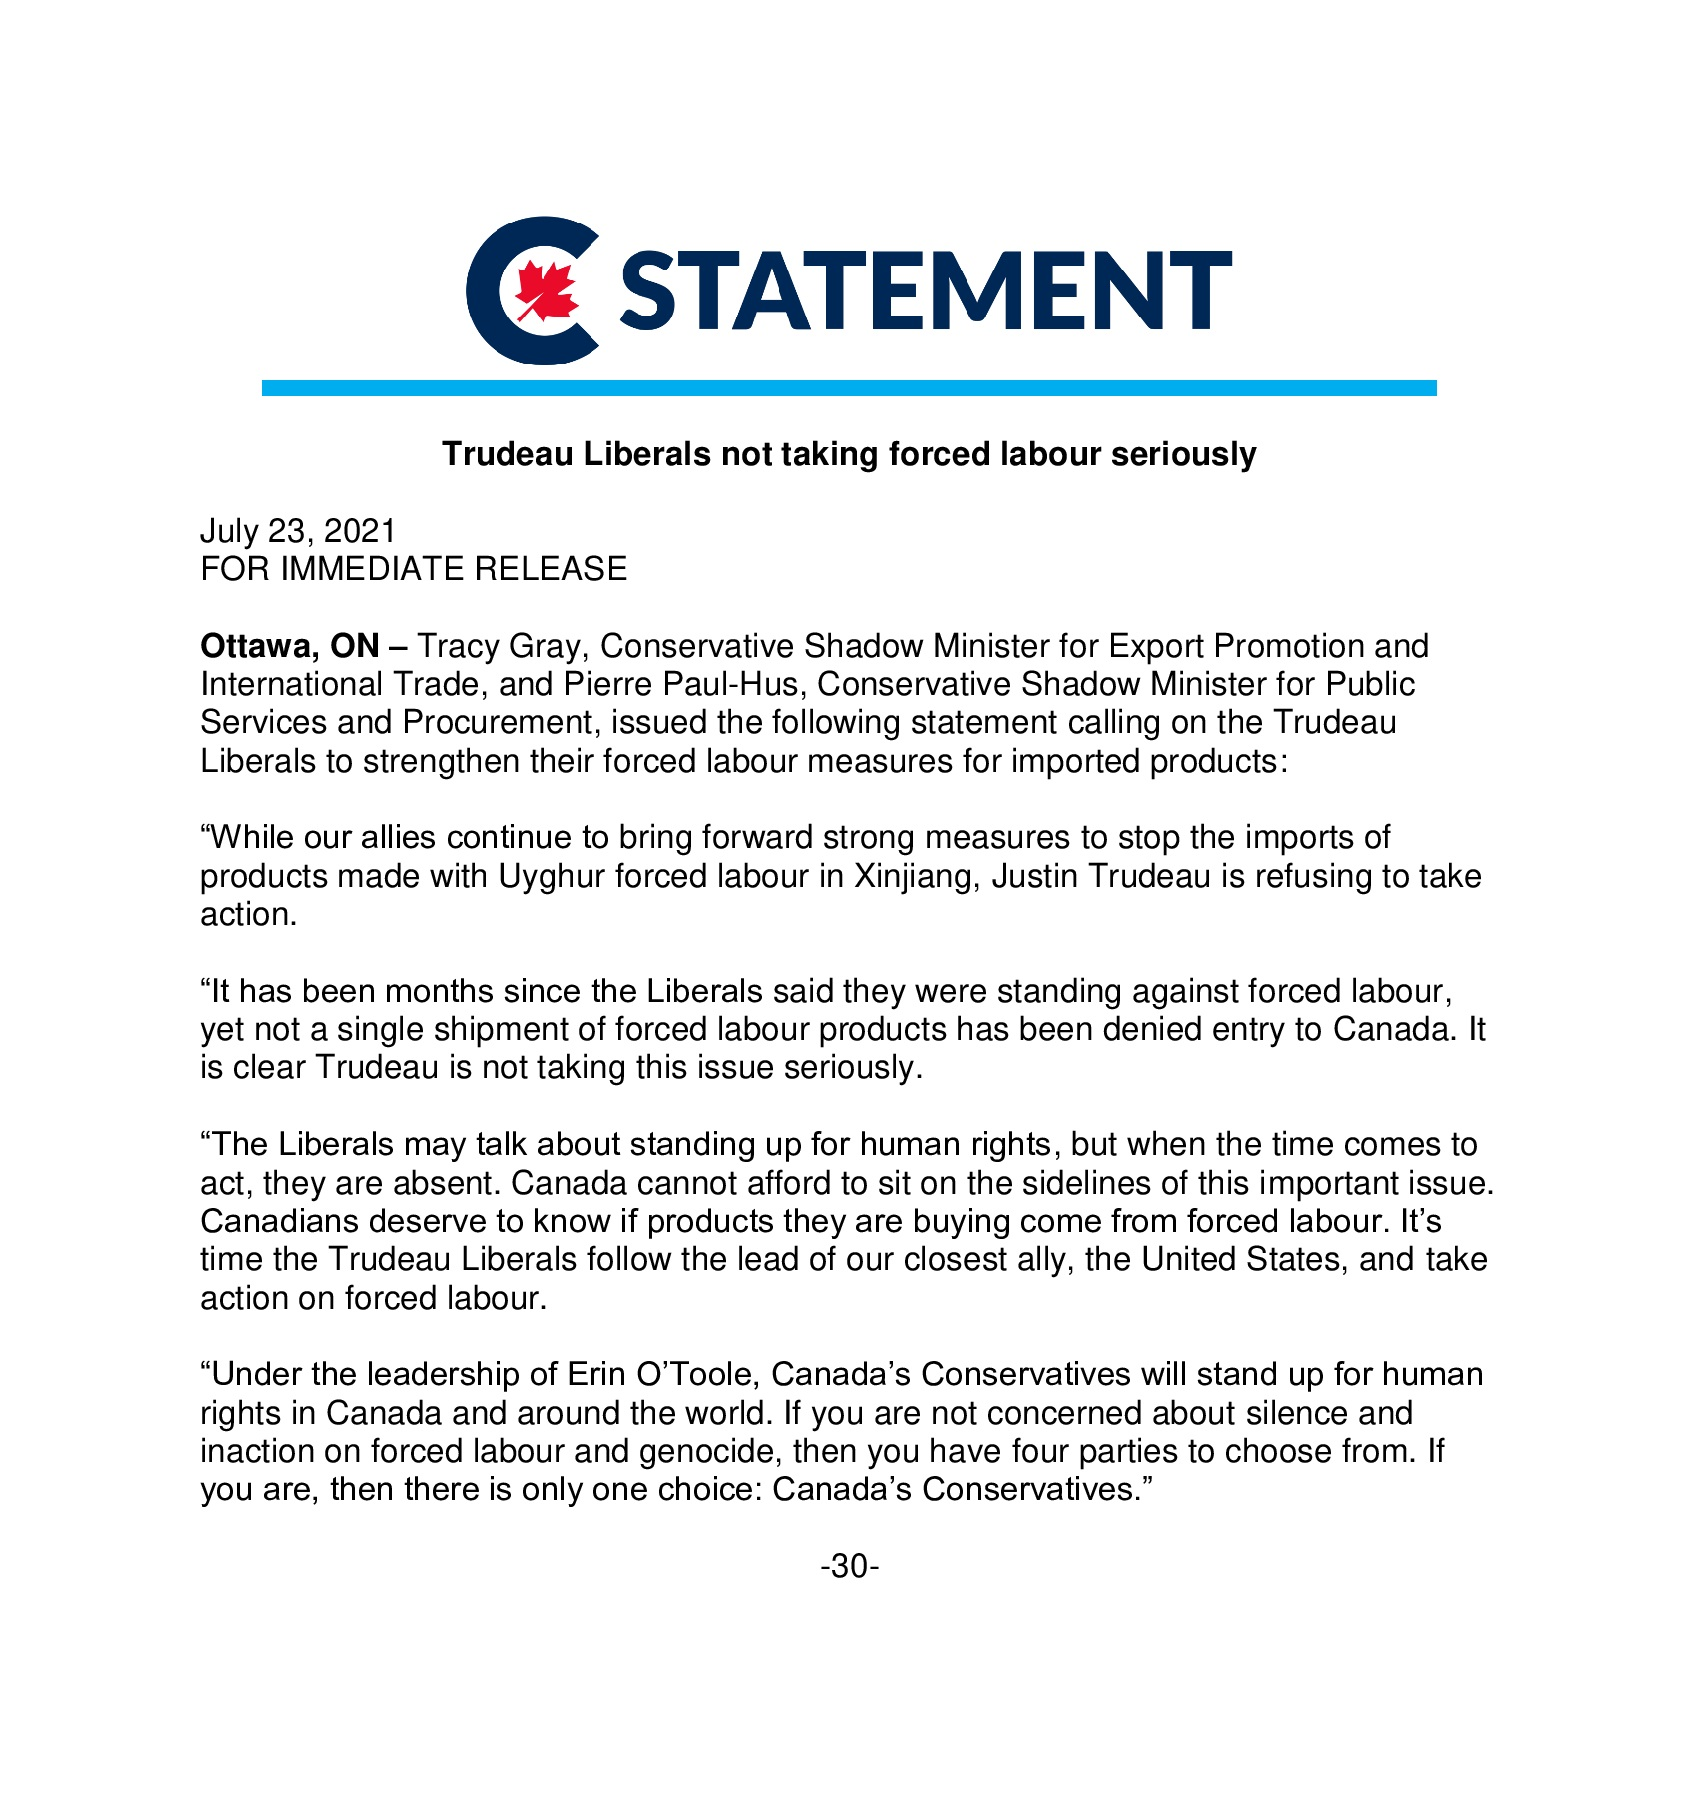 Trudeau_Liberals_not_taking_forced_labour_seriouslyEN.jpg